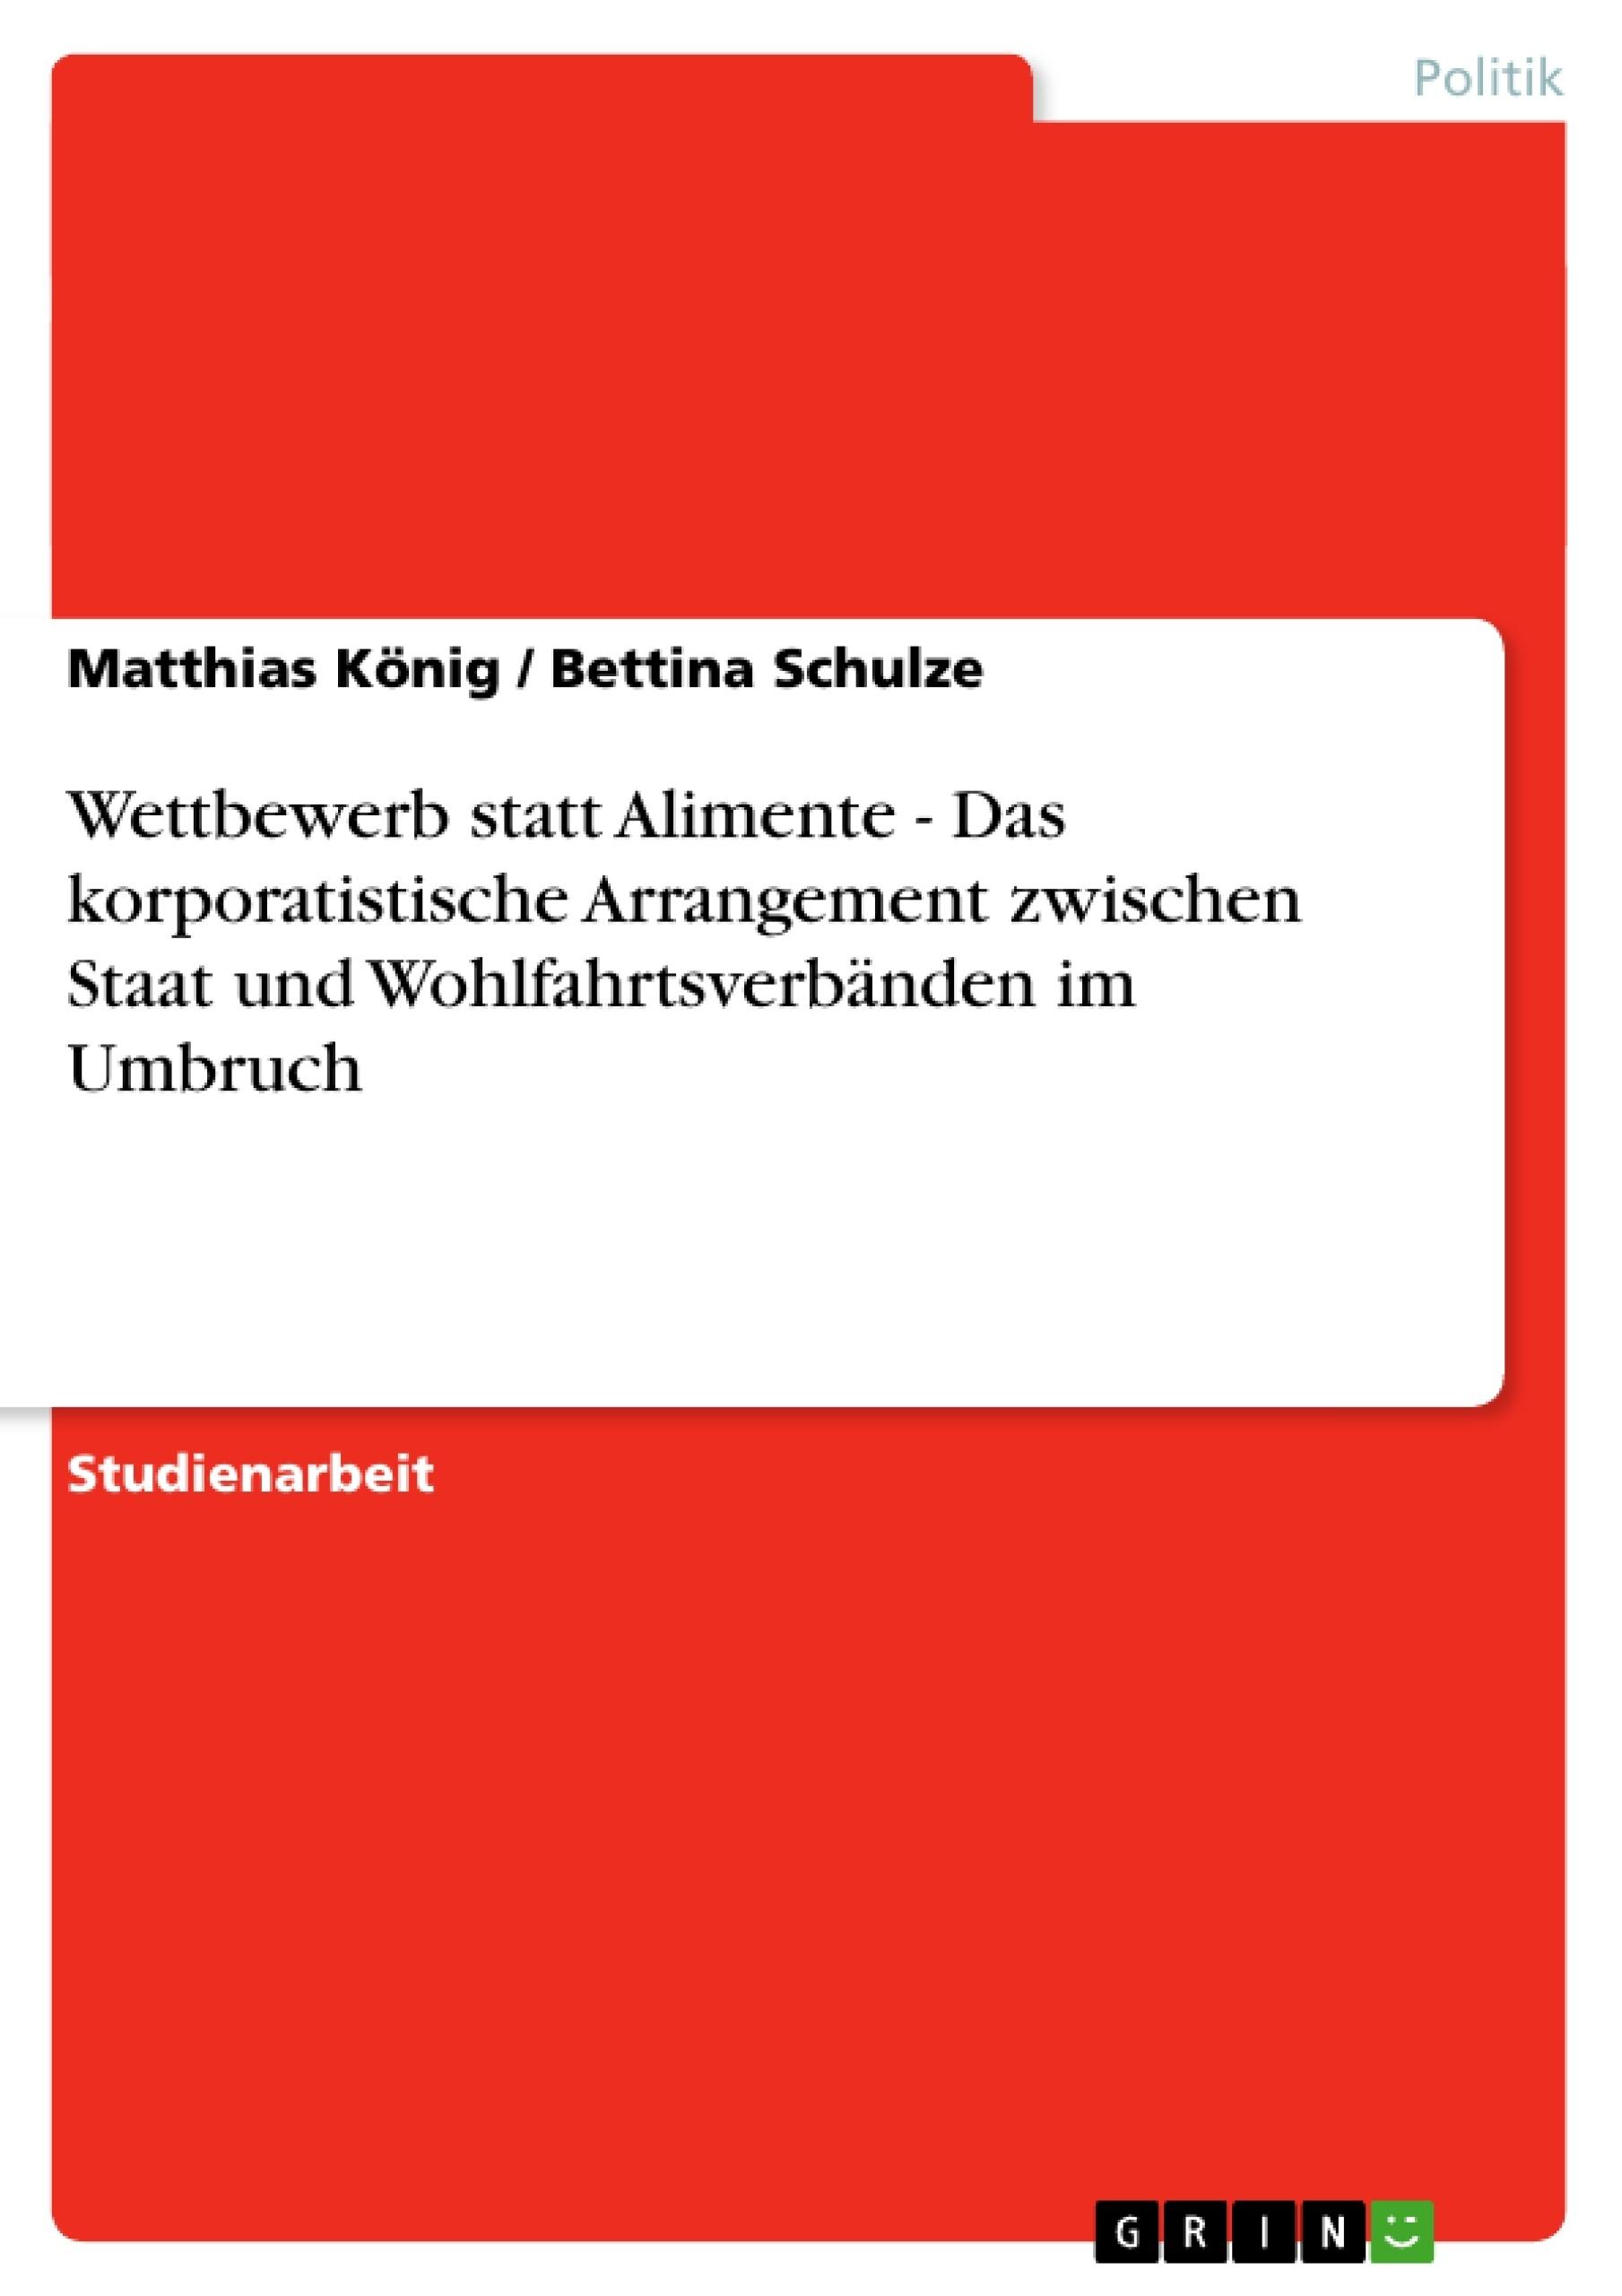 Titel: Wettbewerb statt Alimente - Das korporatistische Arrangement zwischen Staat und Wohlfahrtsverbänden im Umbruch